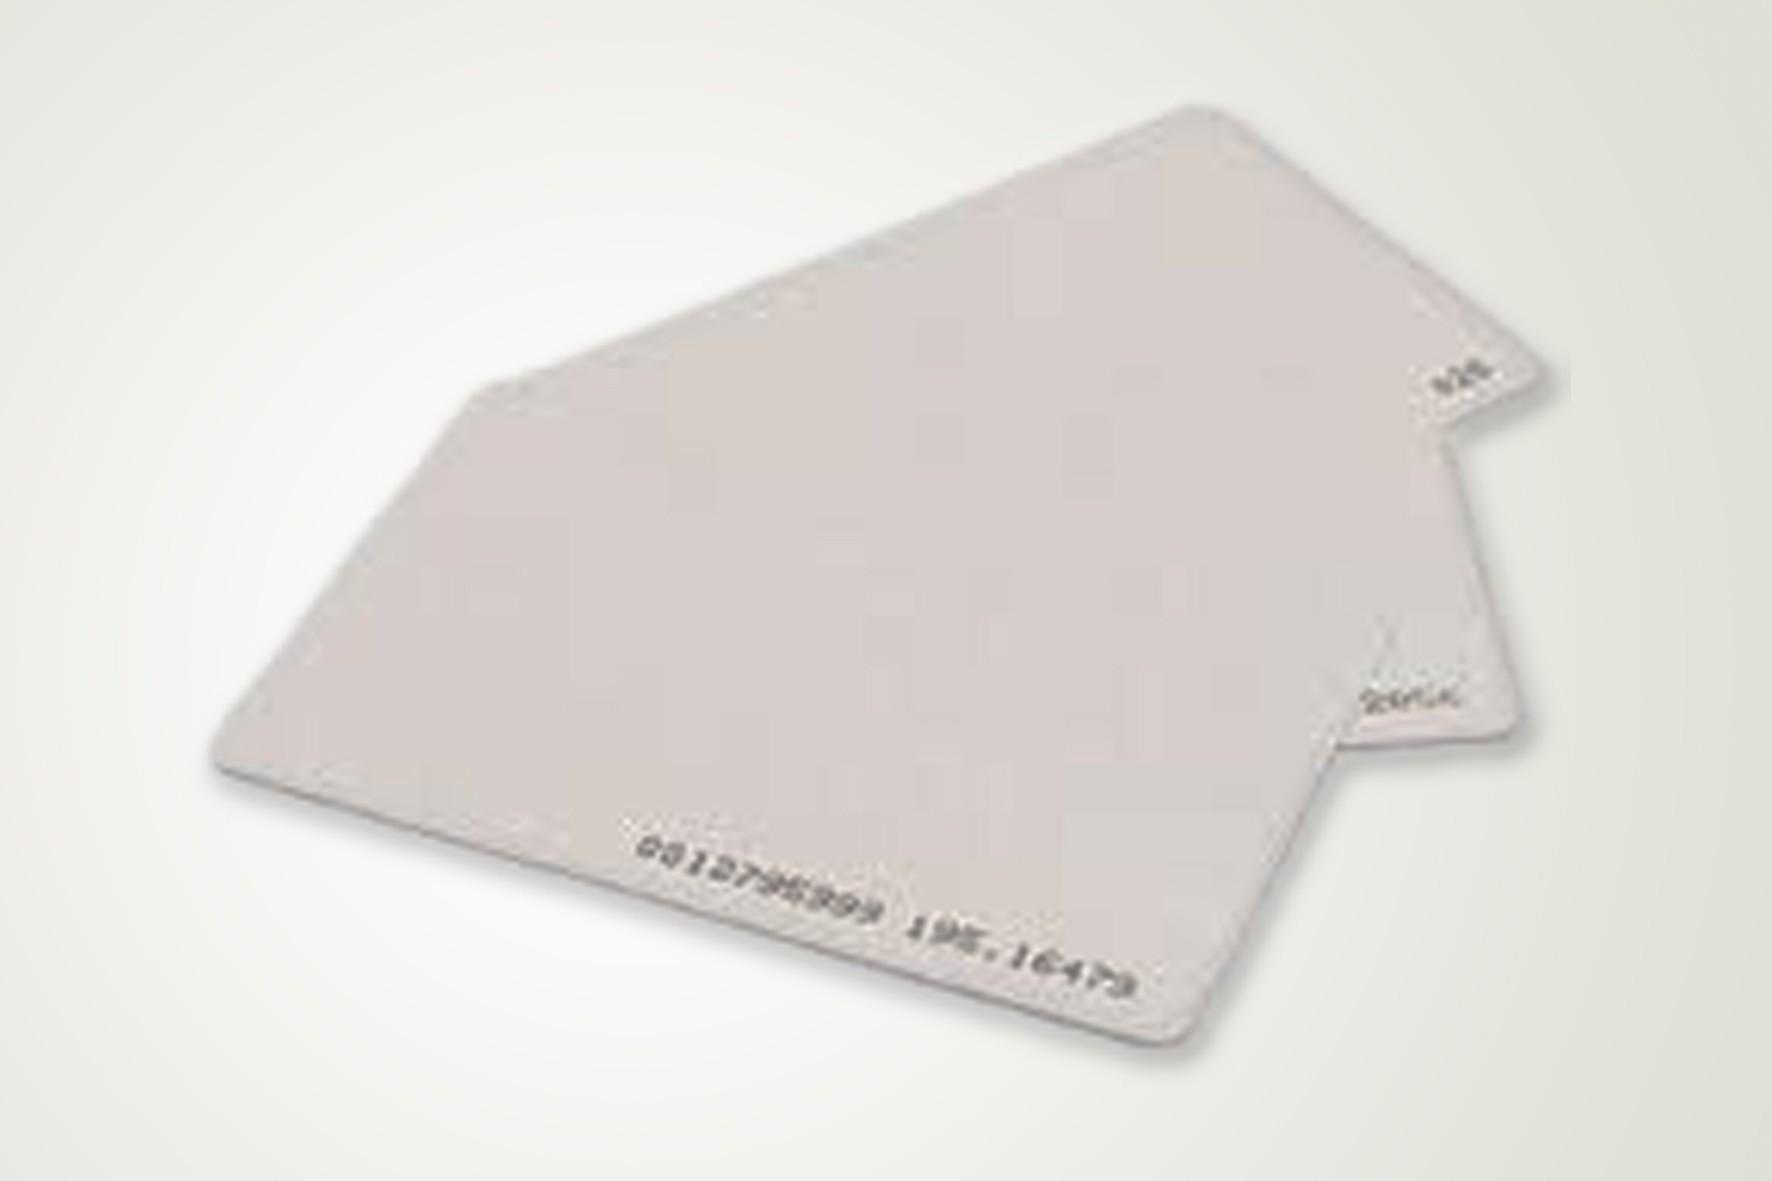 Cartões com Chip de Proximidade no Jardim Gismar - Cartão Fidelidade em São Bernardo